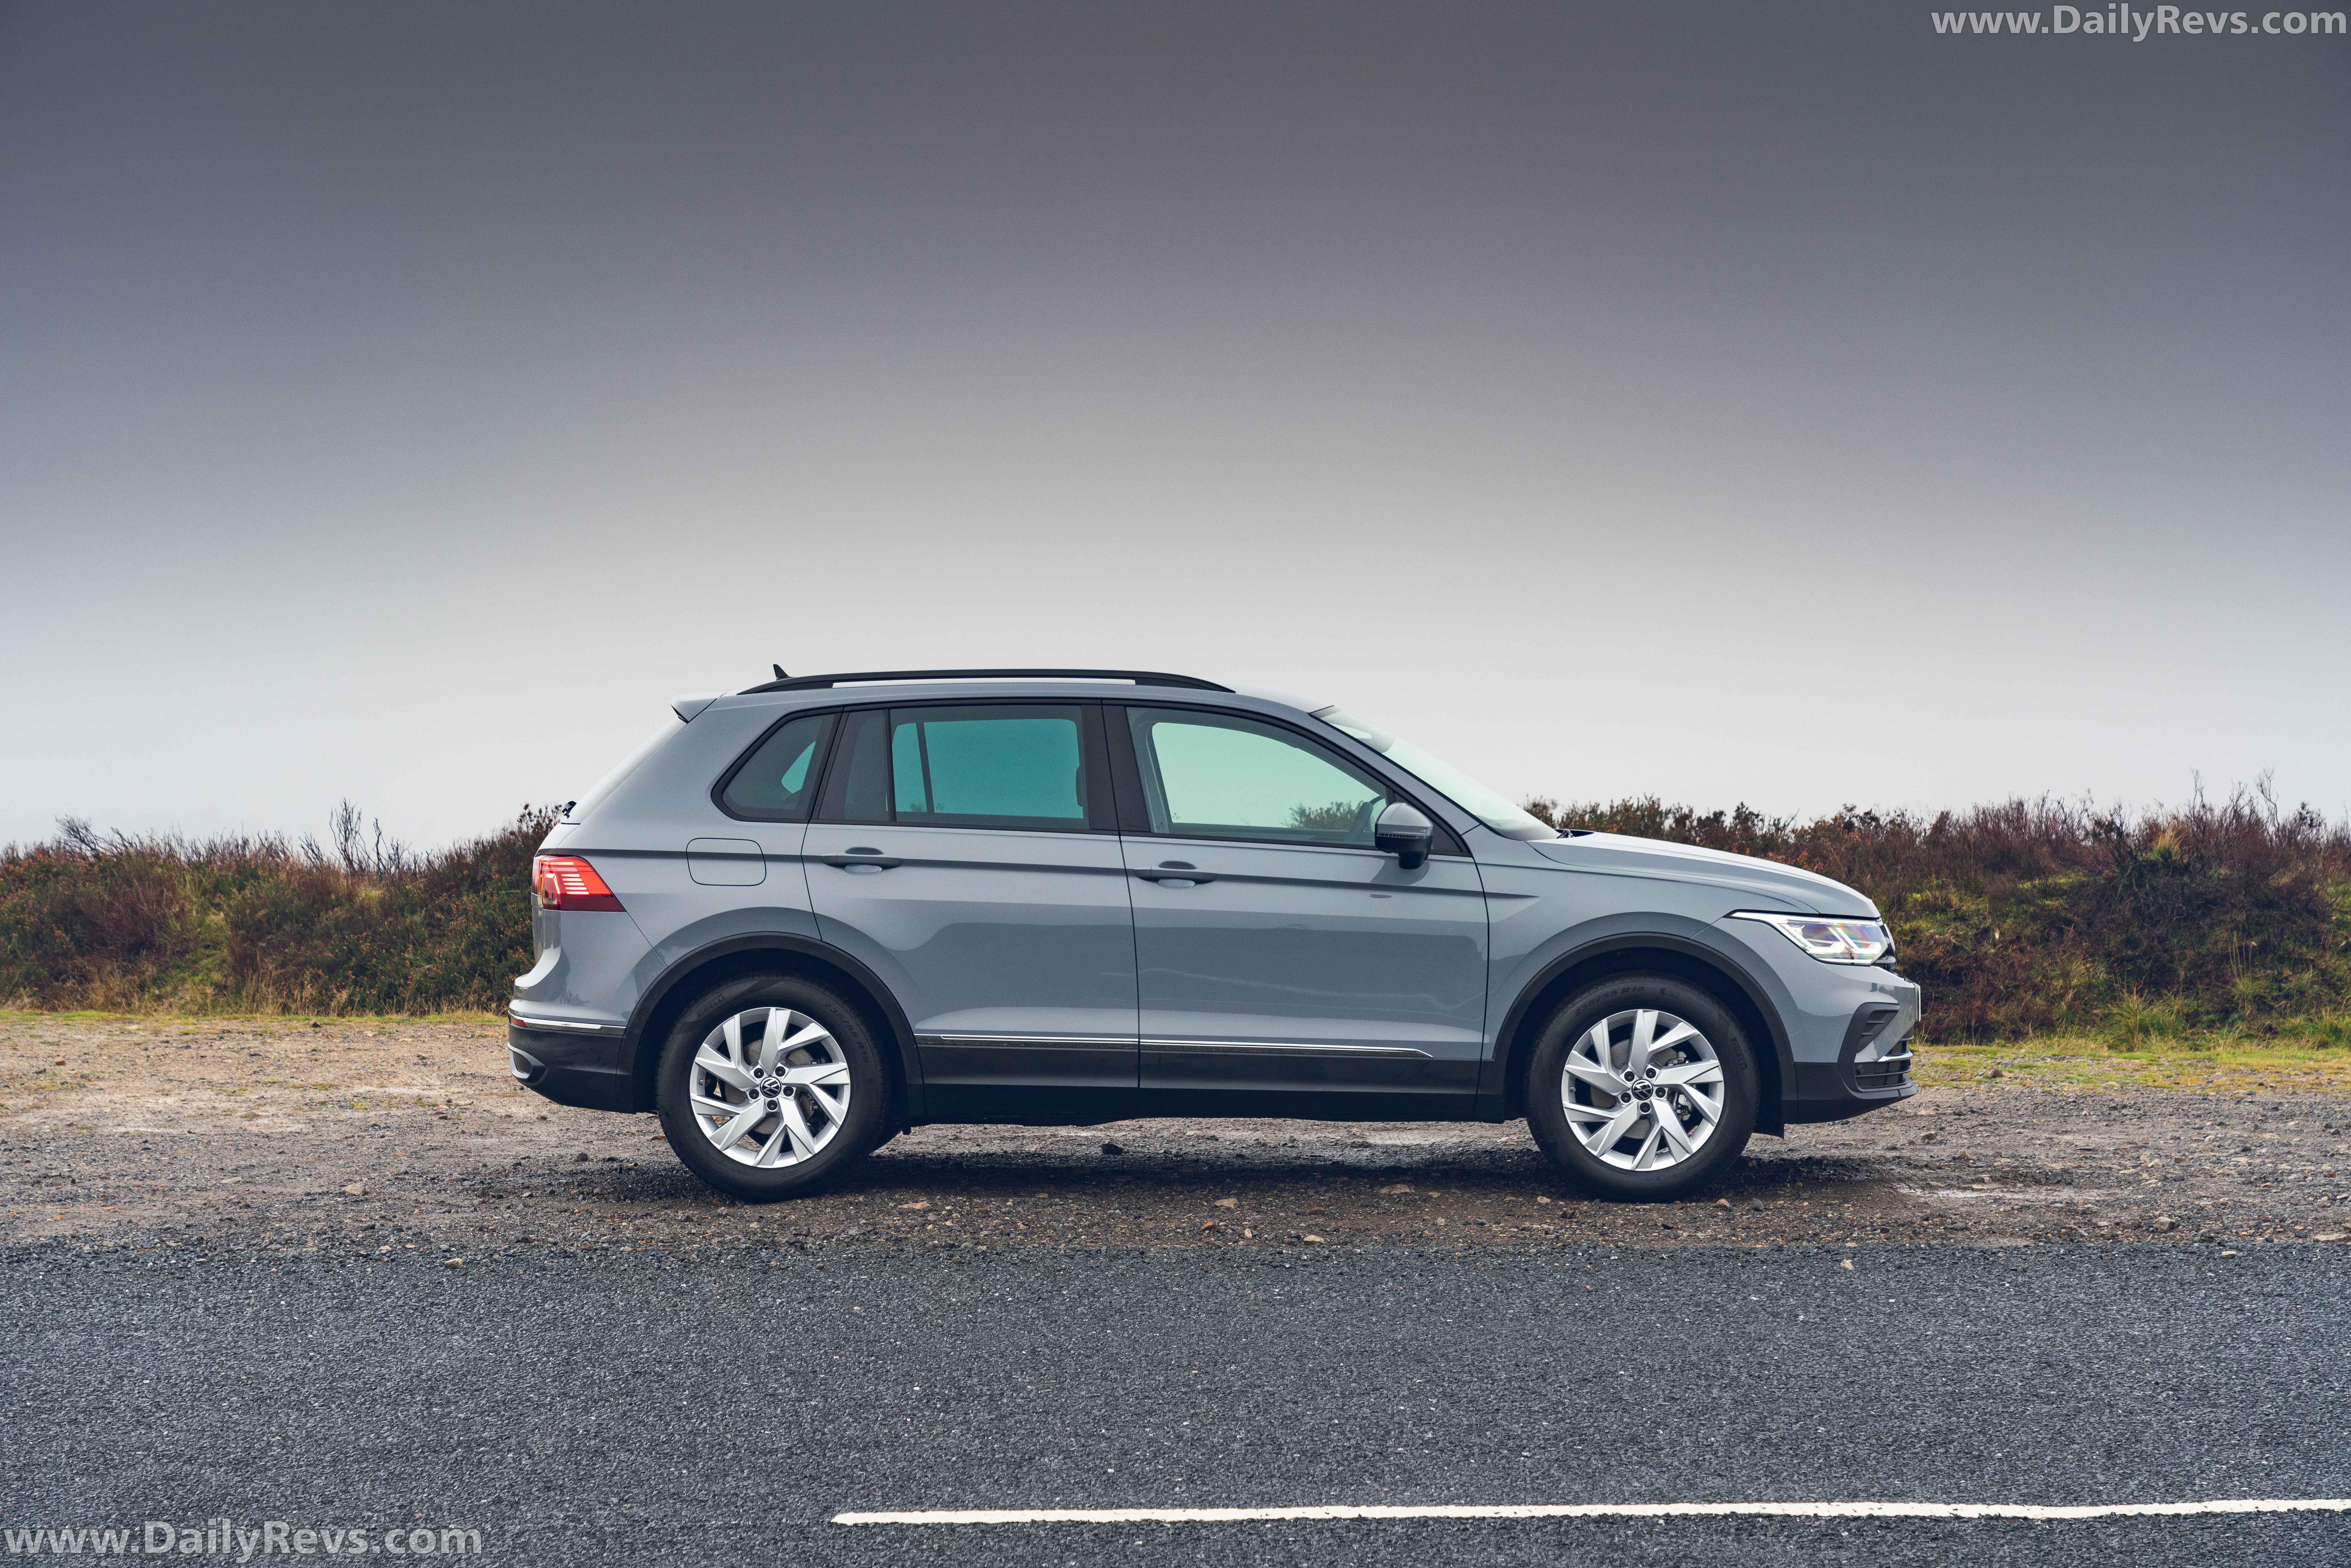 2021 Volkswagen Tiguan Life - Dailyrevs